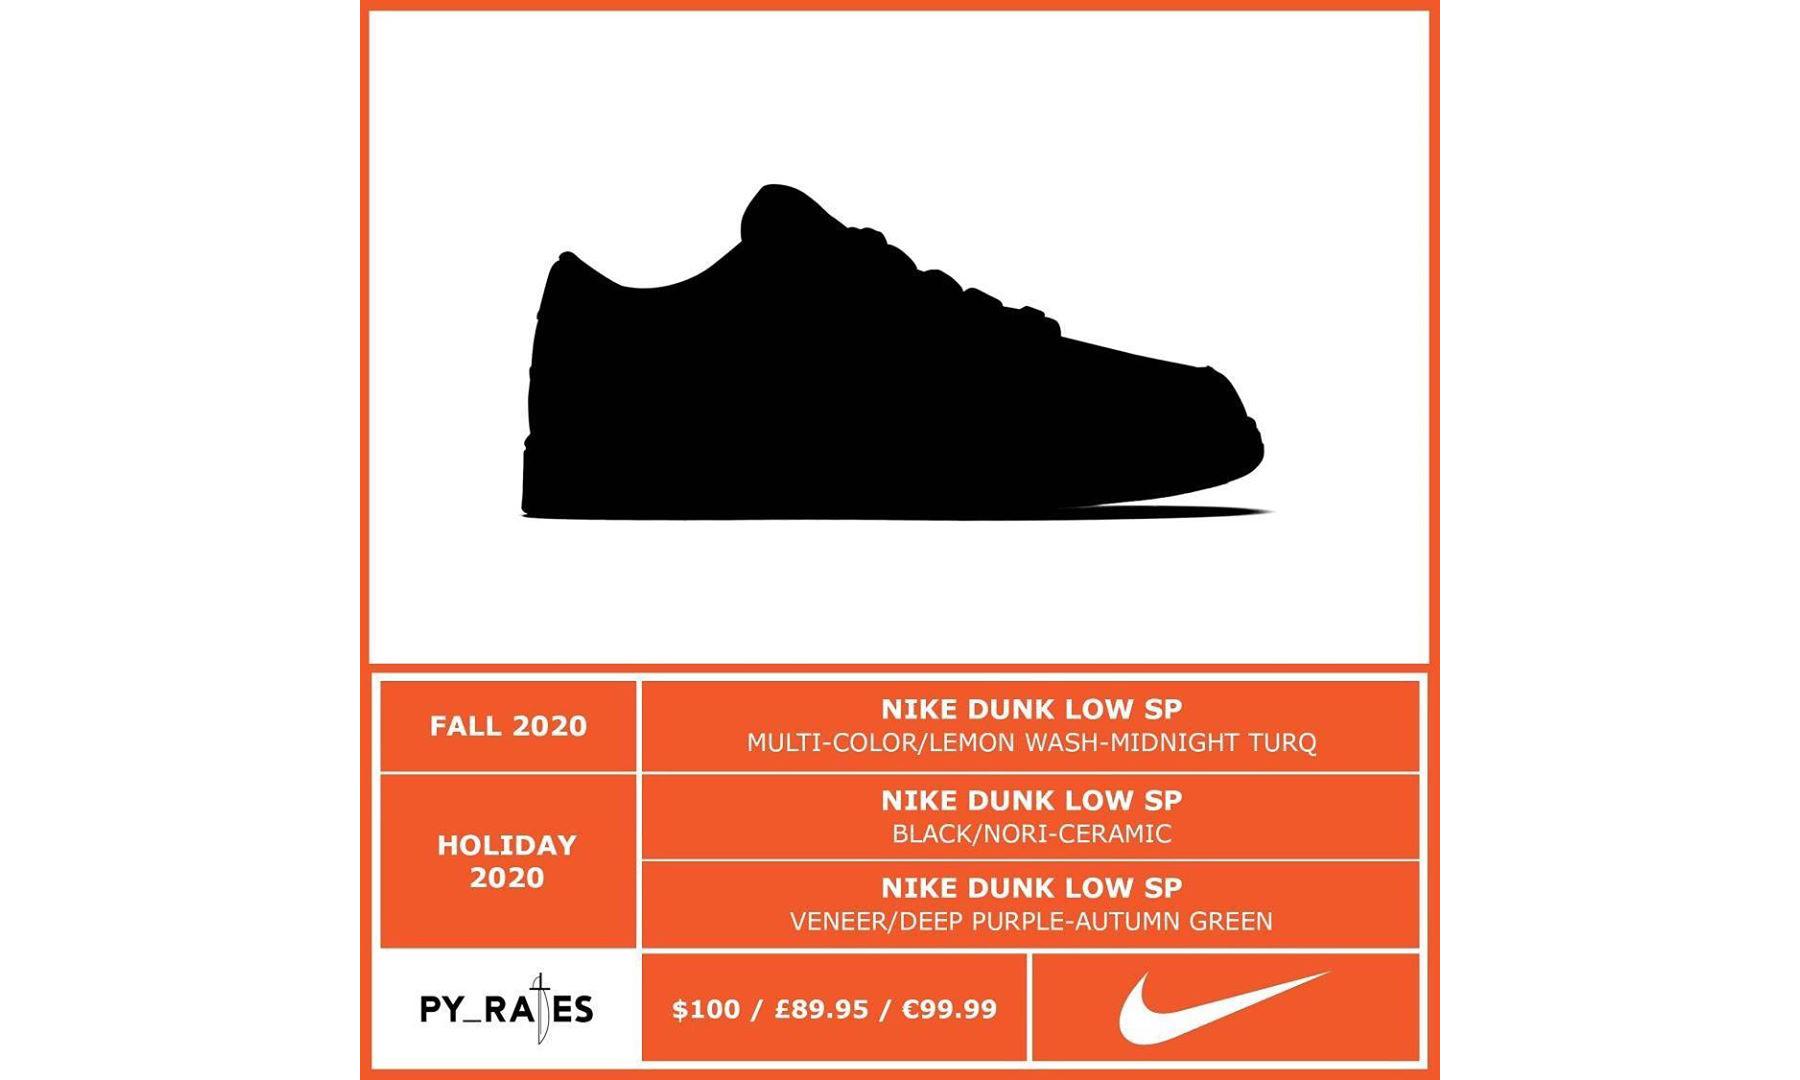 今年还将有三款 Nike Dunk Low SP 配色发售